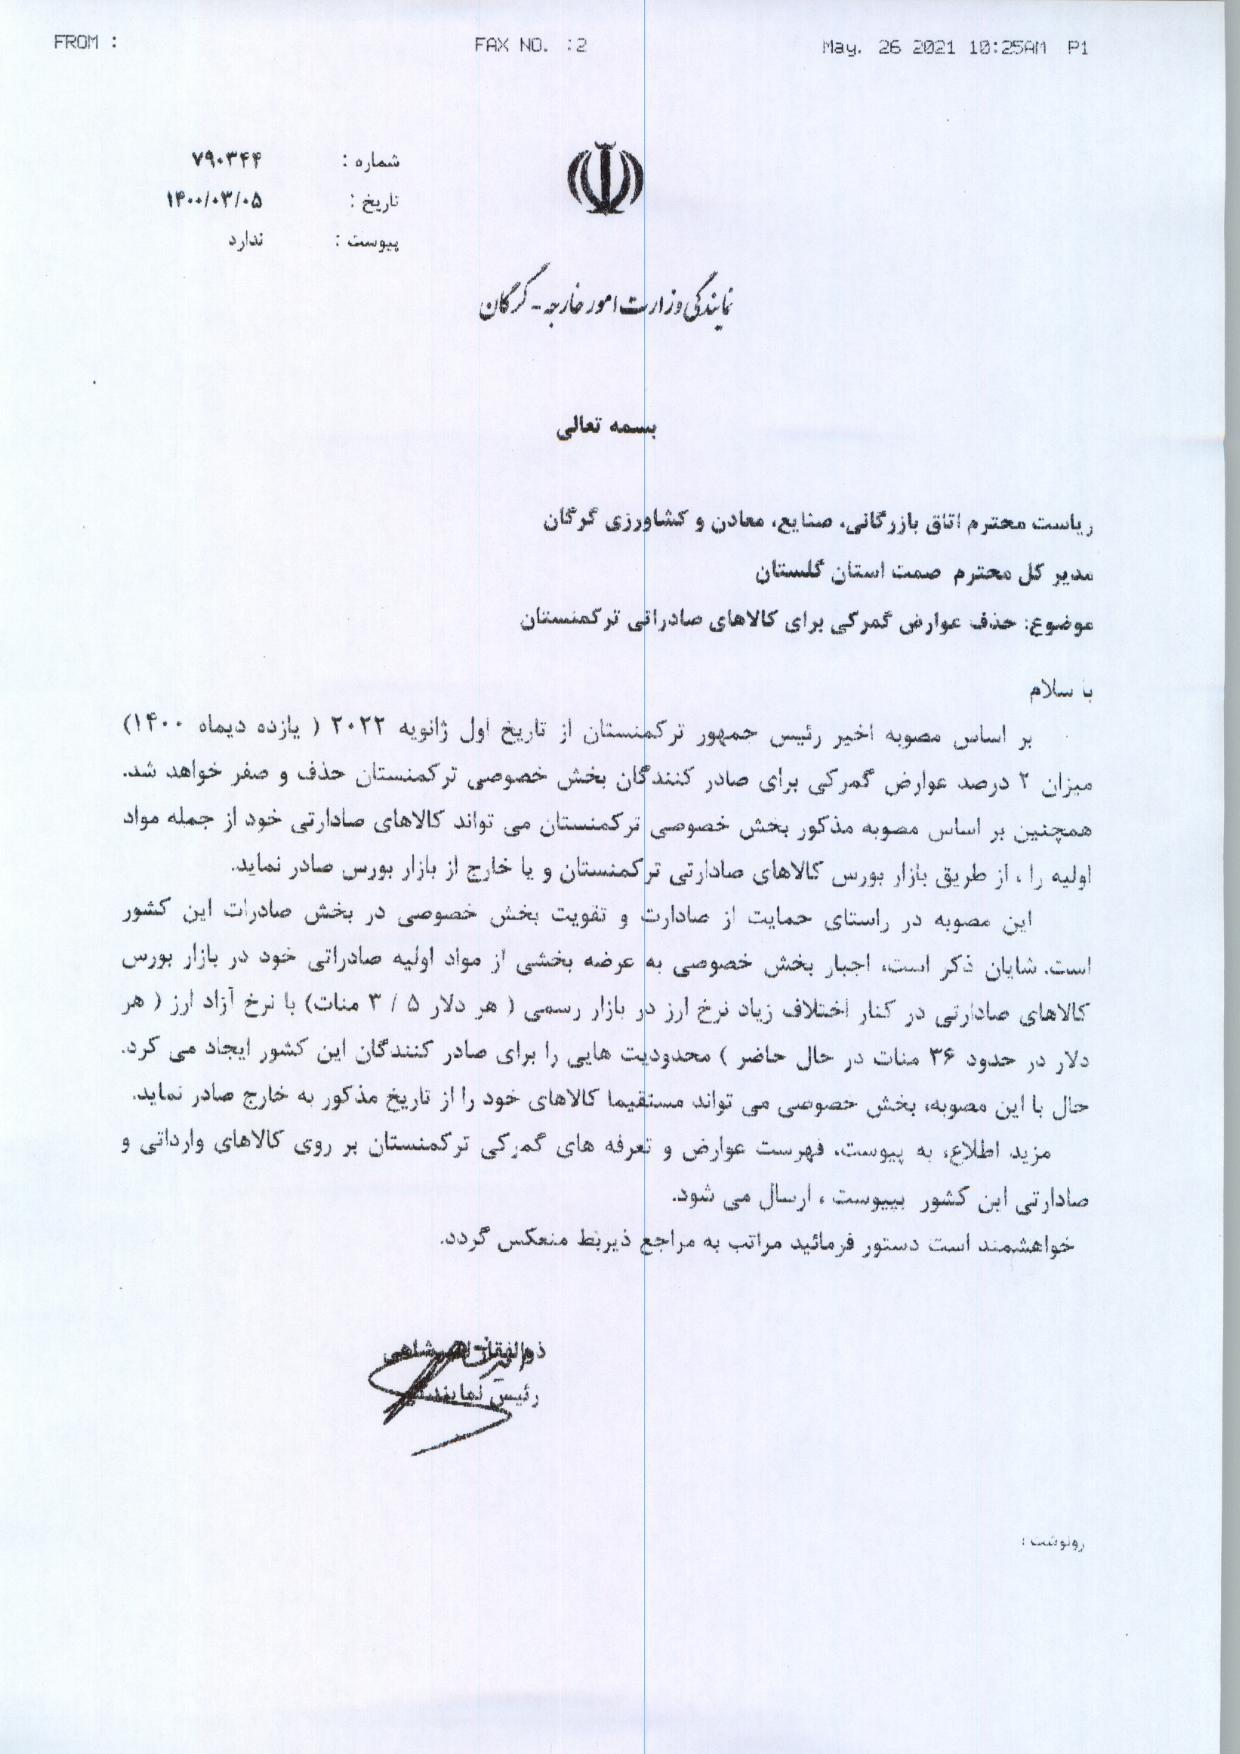 حذف عوارض گمرکی برای کالا های صادراتی ترکمنستان